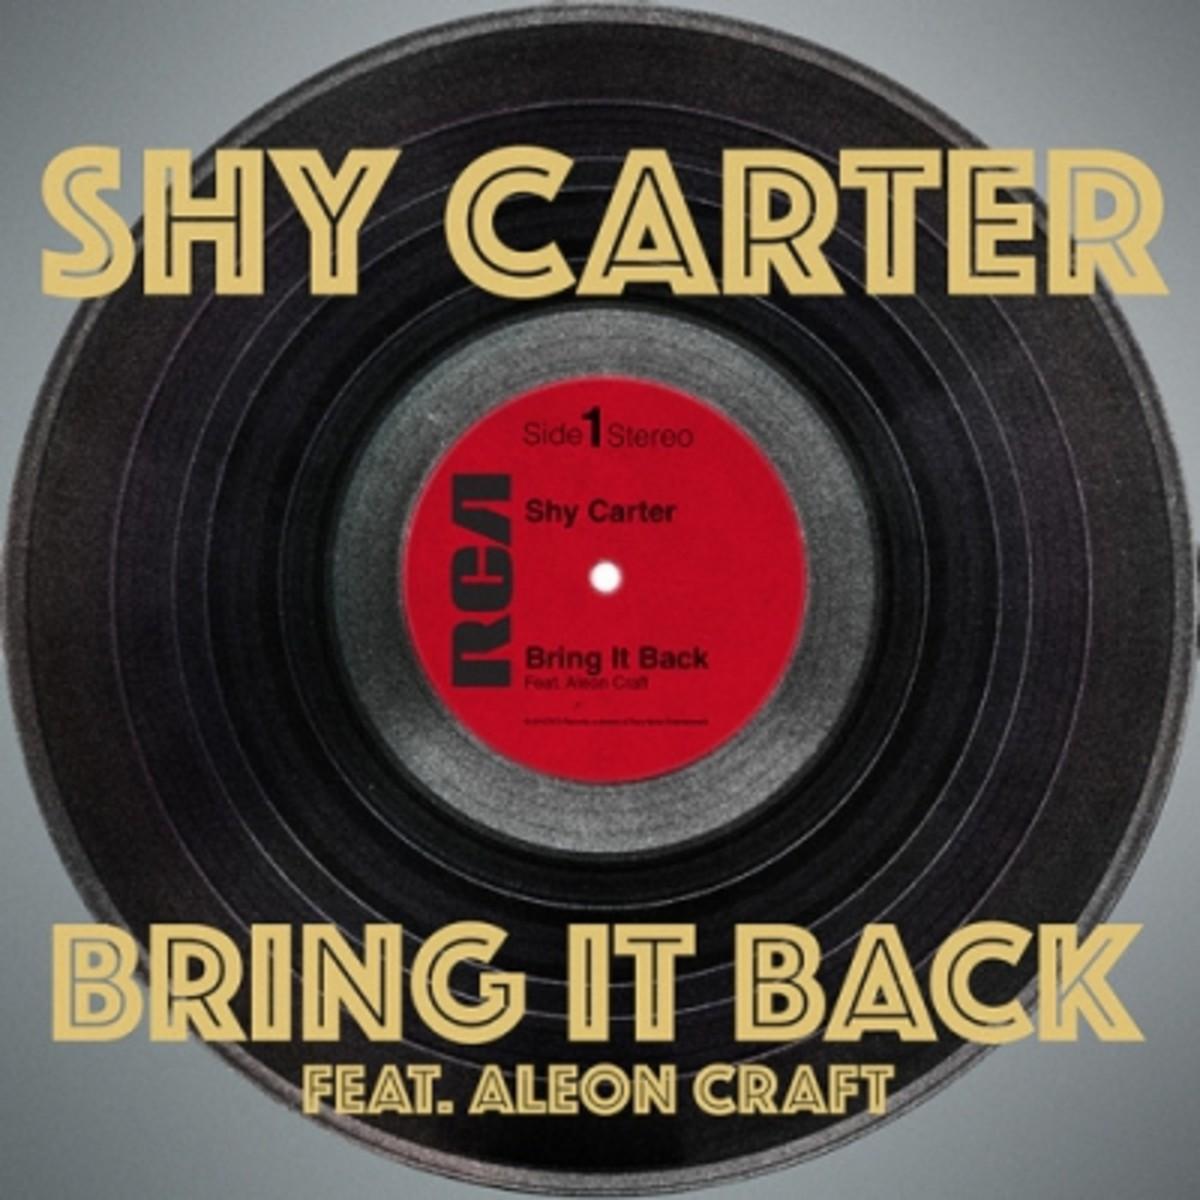 shy-carter-bring-it-back.jpg